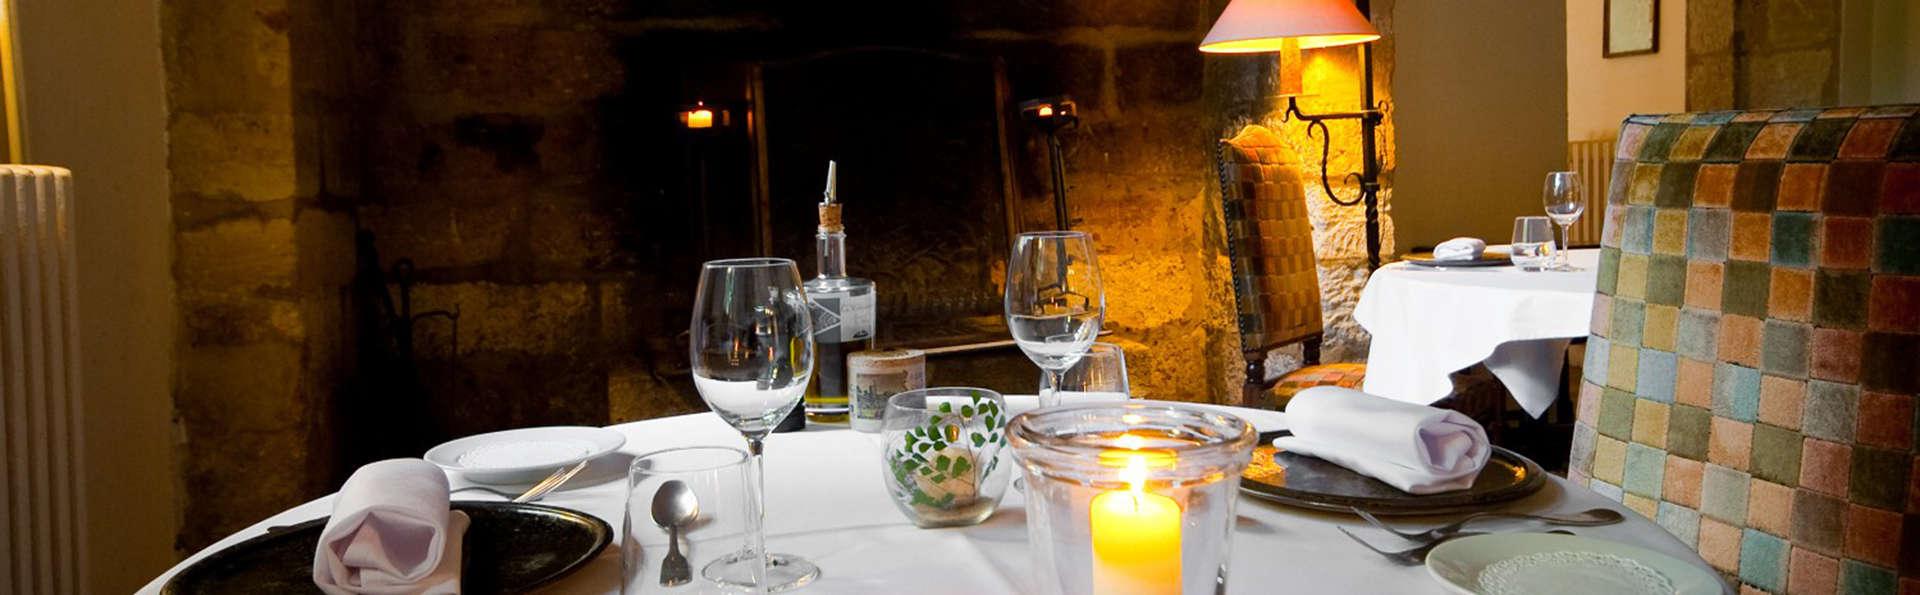 Séjour gourmand dans le Gard (à partir de 2 nuits)